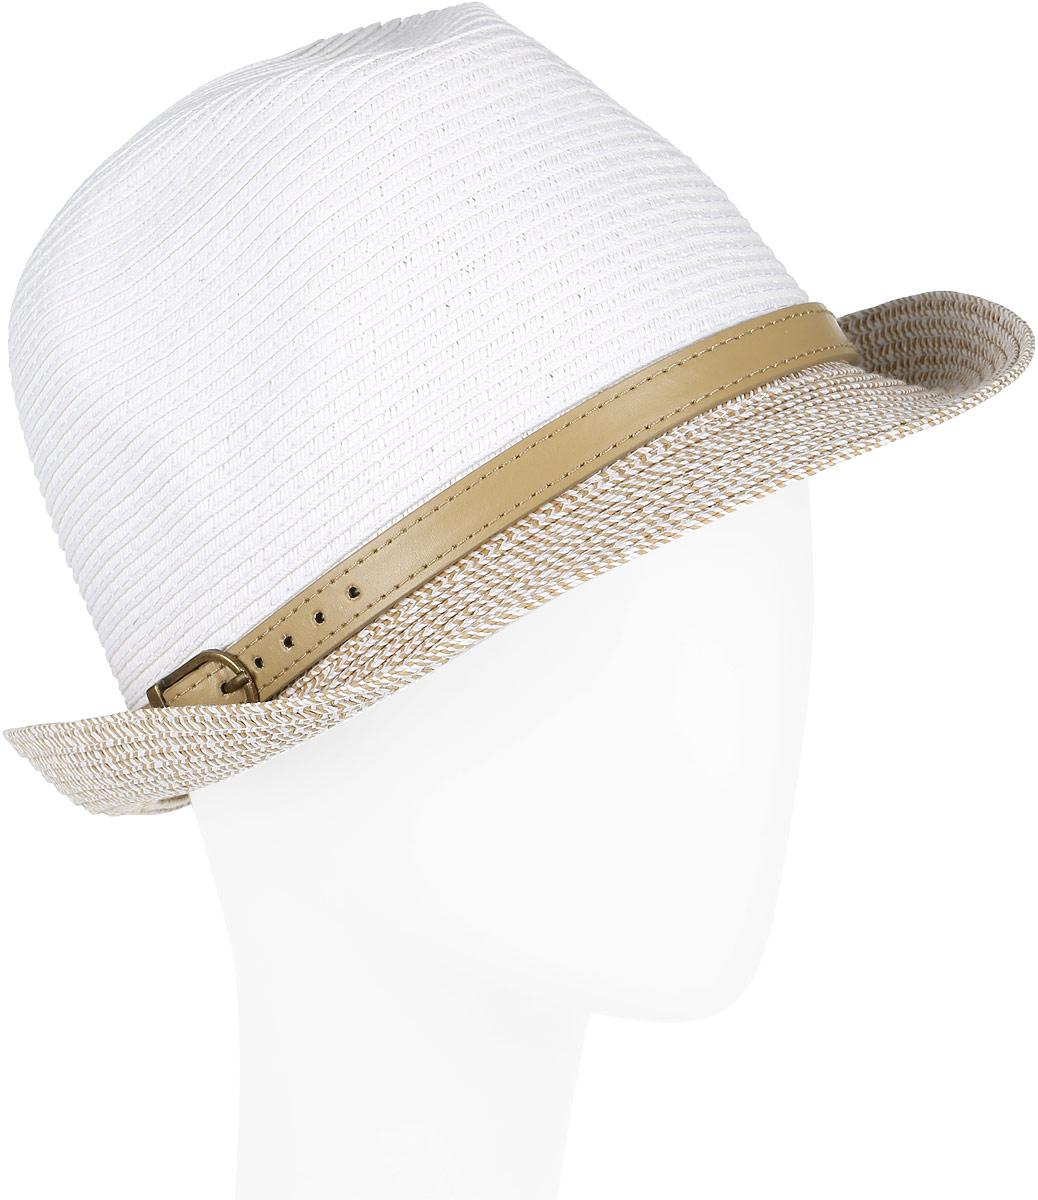 Шляпа женская Fabretti, цвет: белый. GL46-4. Размер универсальныйGL46-4 WHITEСтильная шляпа от Fabretti для пляжного отдыха и прогулок в солнечные дни.